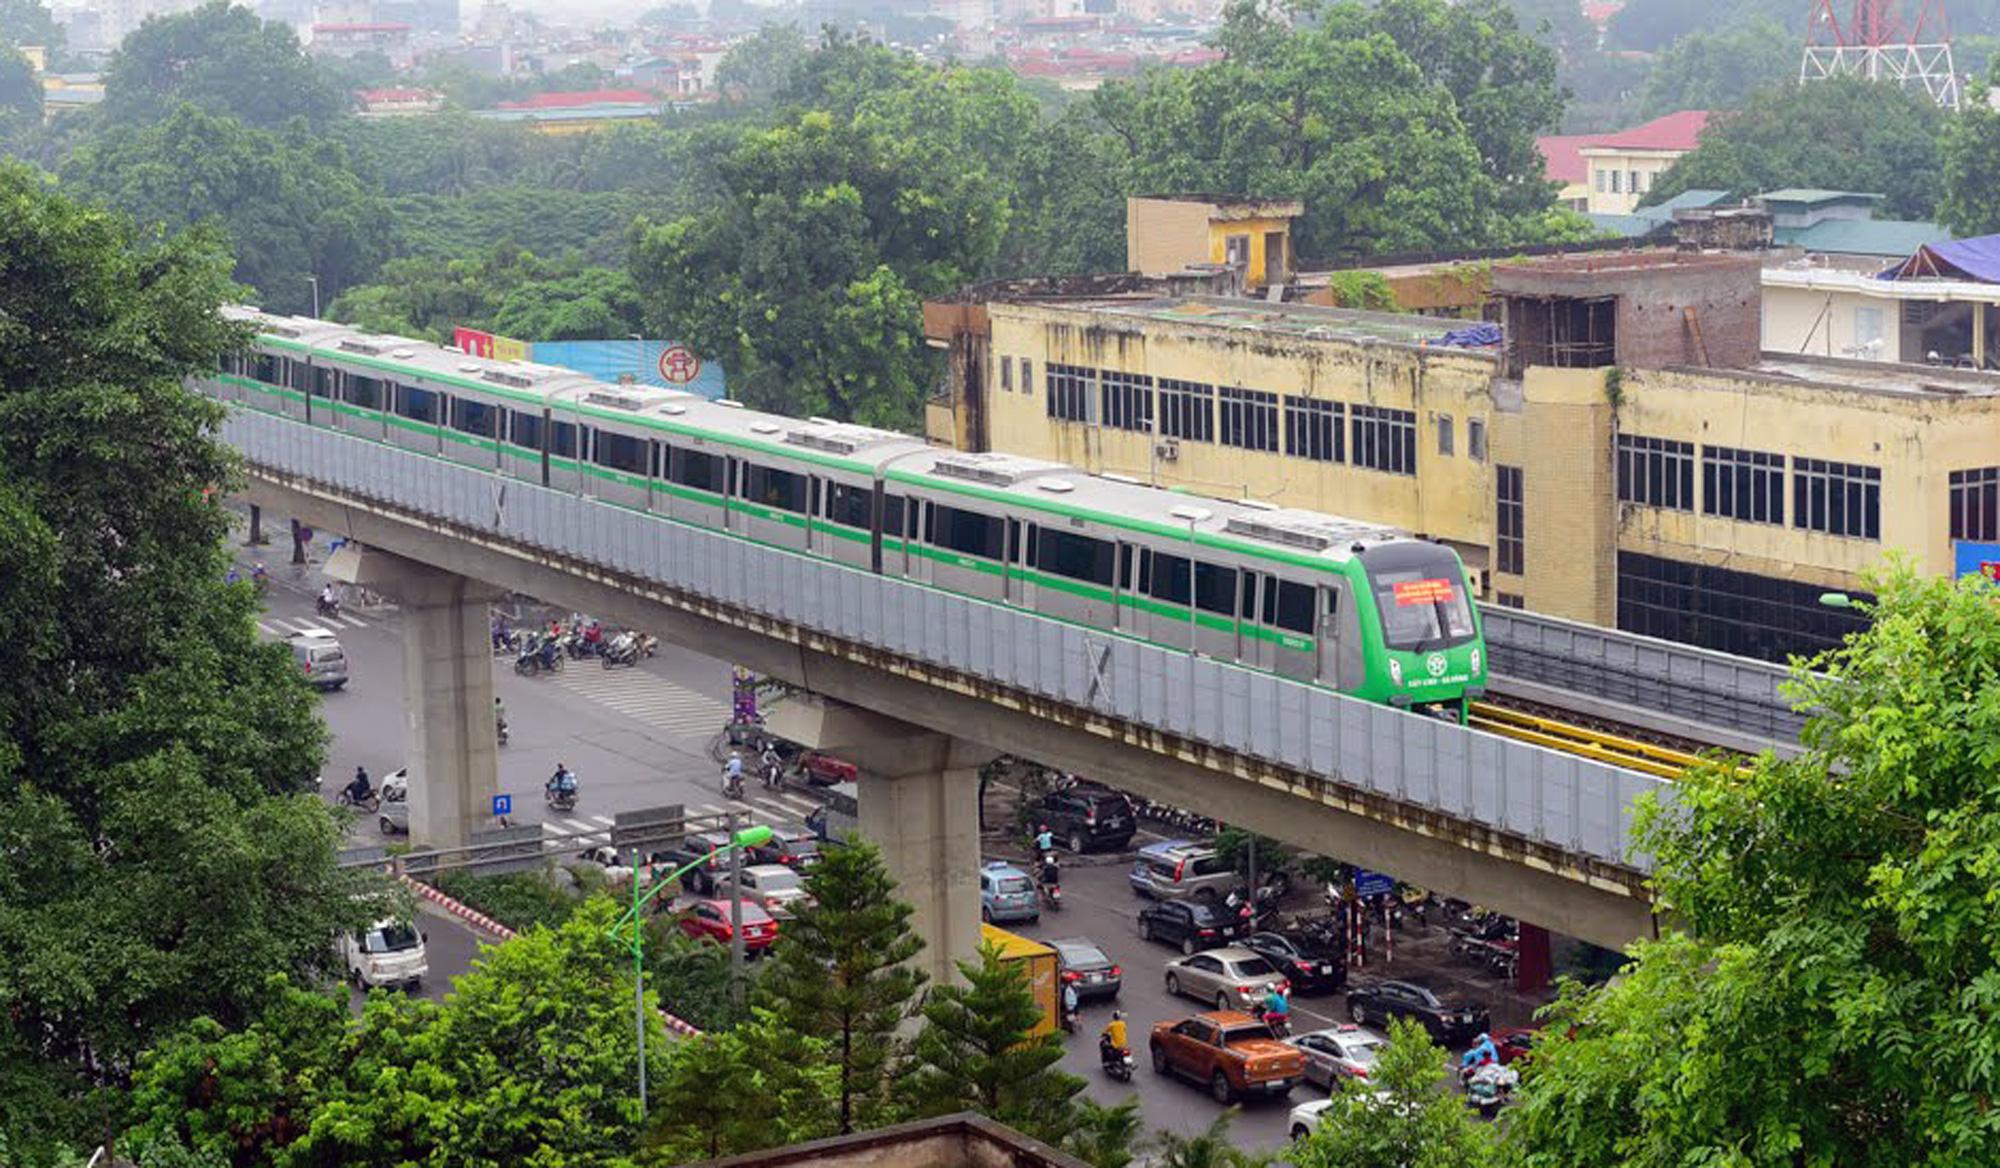 Dễ 'vỡ kế hoạch' chạy thử đường sắt Cát Linh - Hà Đông trong tháng 2 vì dịch virus corona - Ảnh 1.